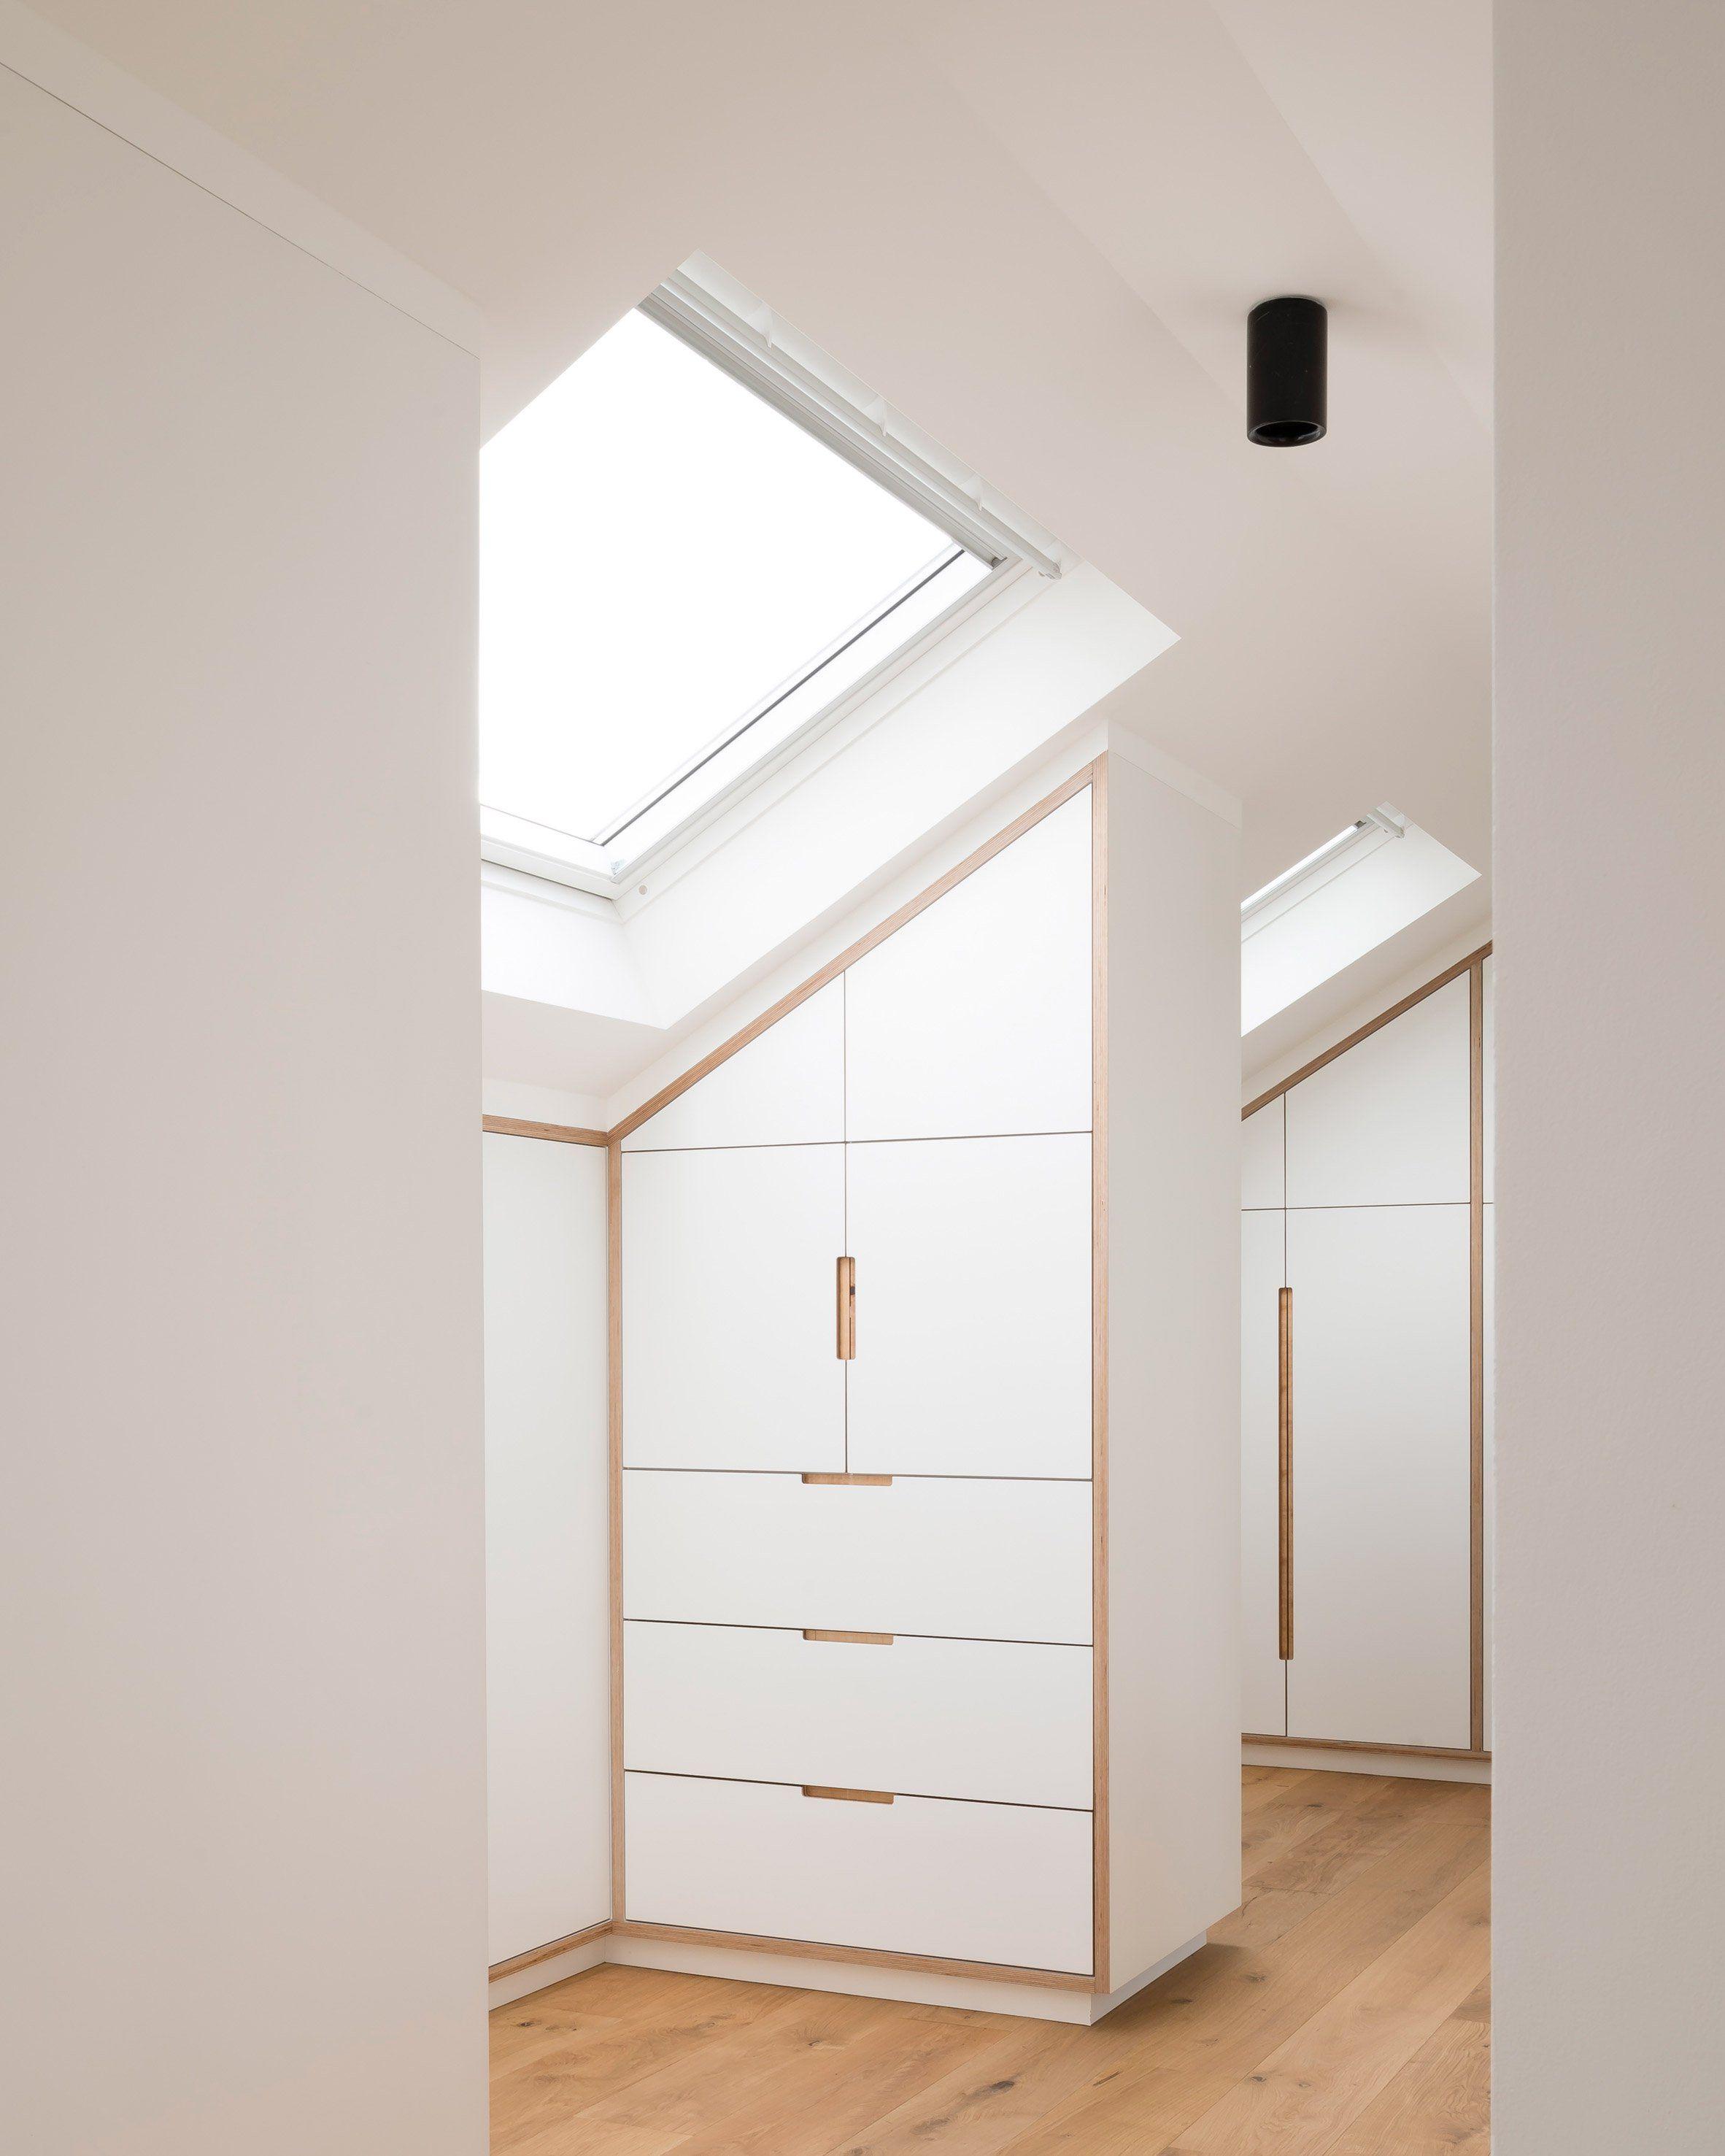 Victorian loft conversion by A Small Studio creates